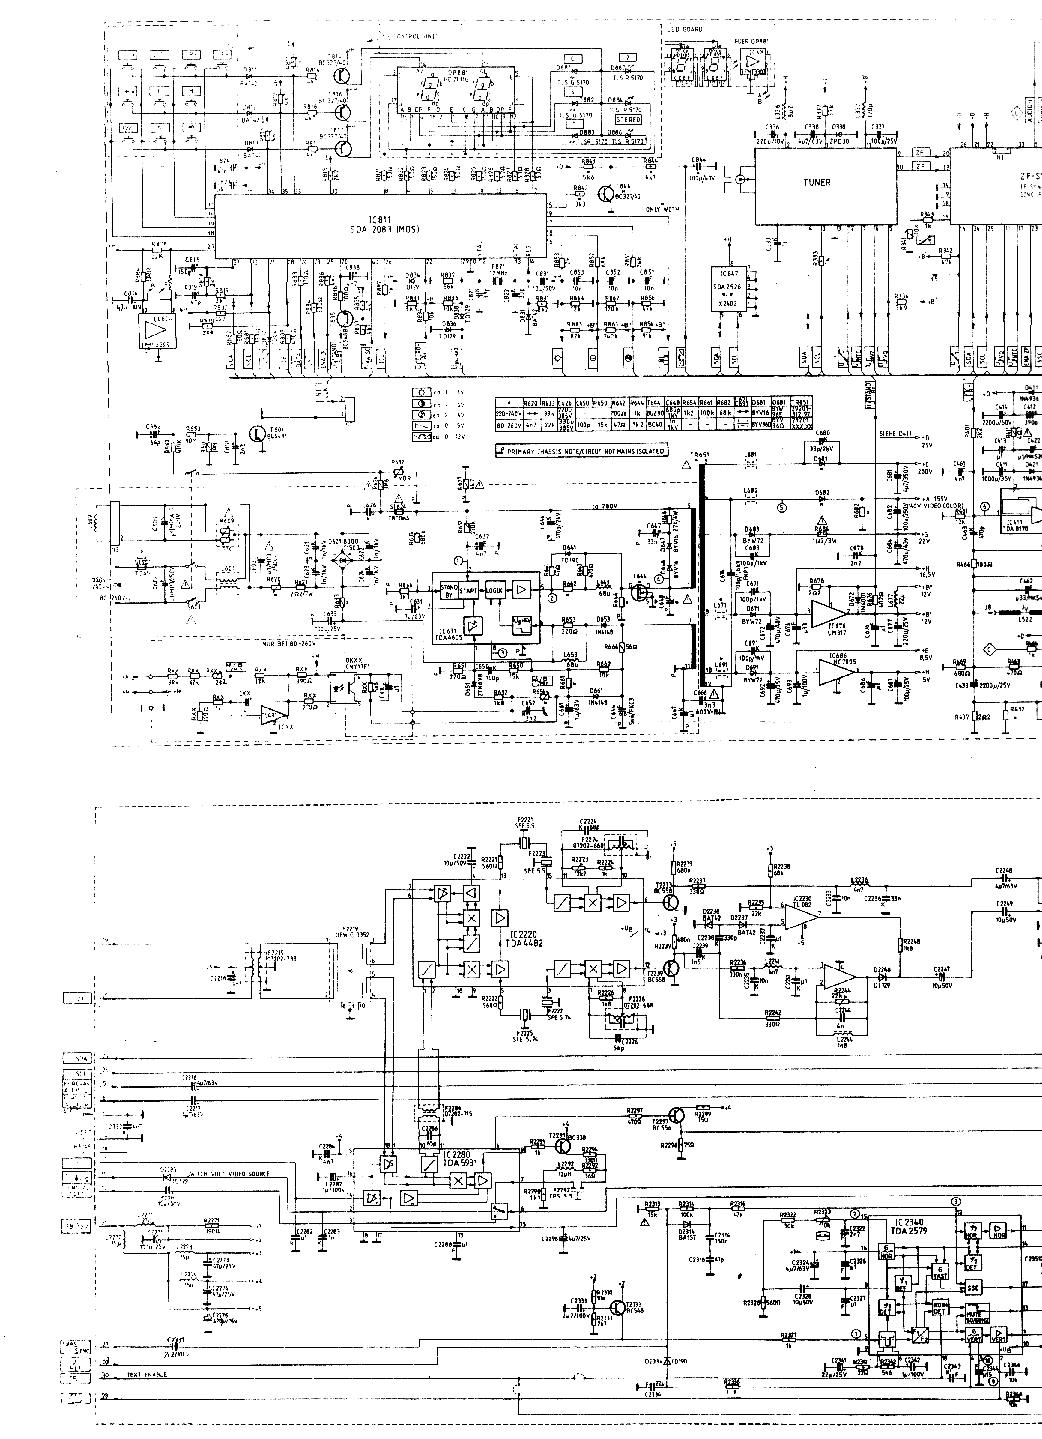 Grundig Cuc4510 Sm Sch Service Manual Download  Schematics